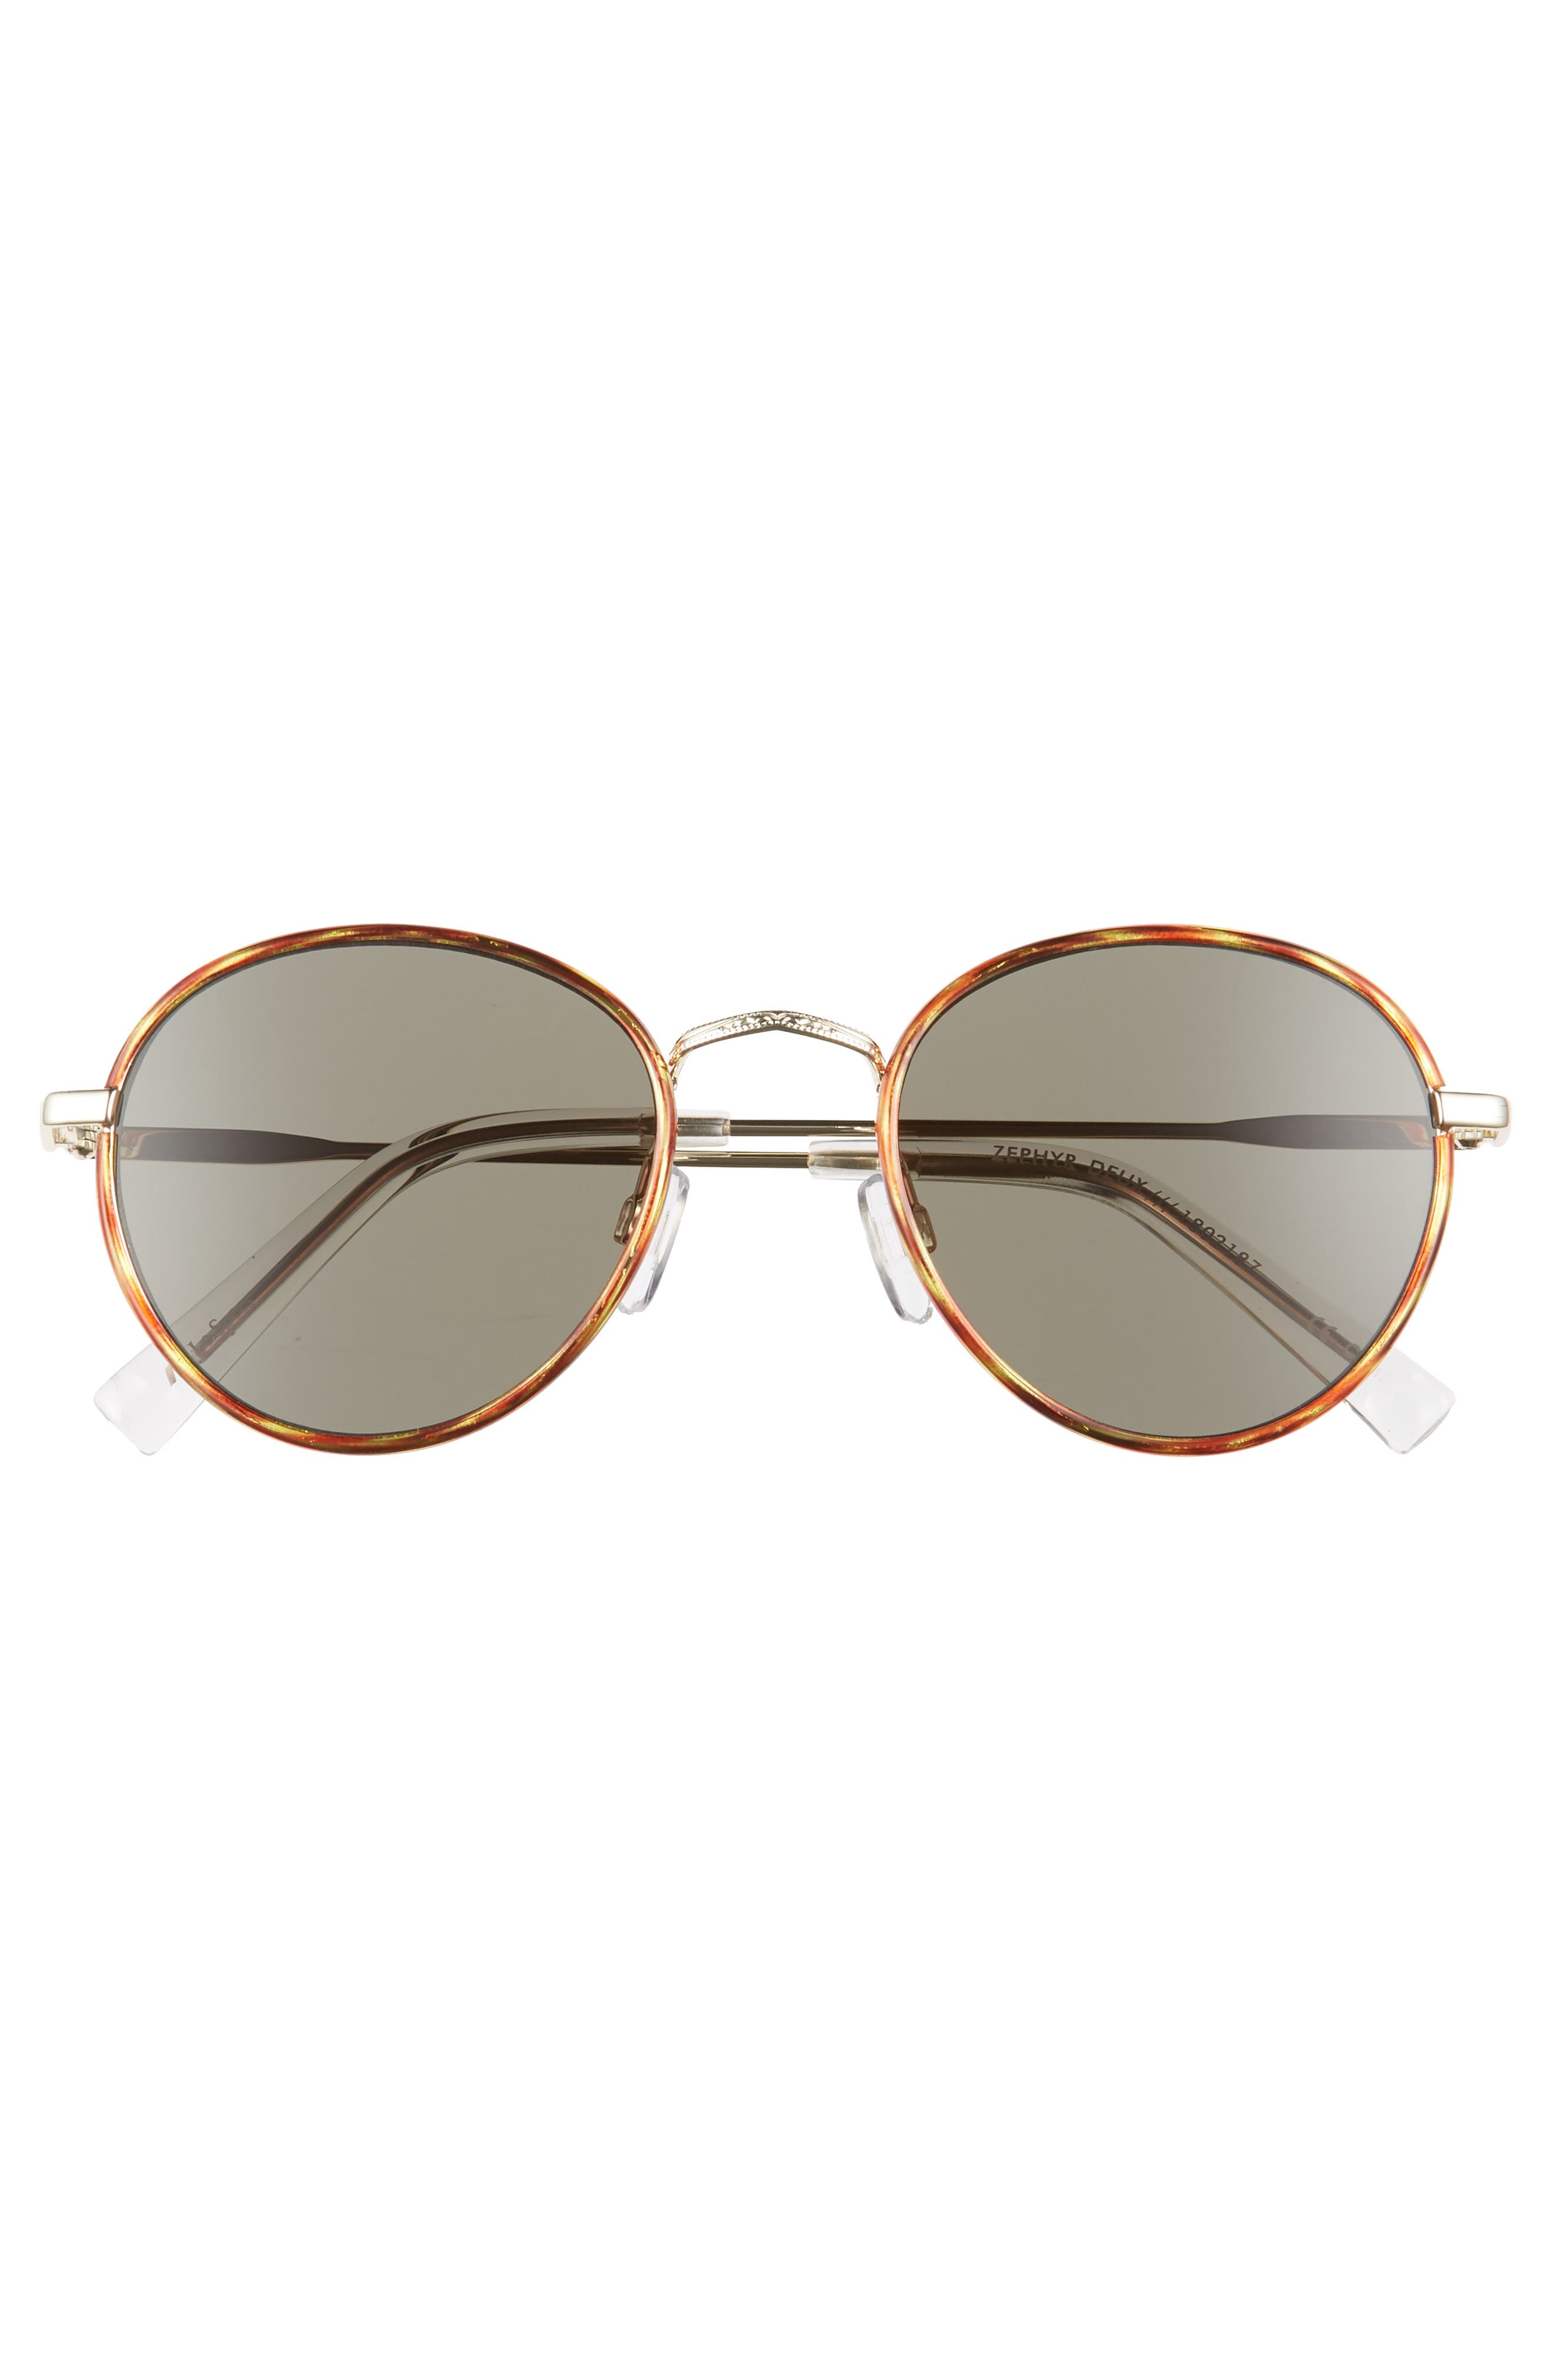 Zephyr Deux 50mm Round Sunglasses,                             Alternate thumbnail 3, color,                             Vintage Tortoise